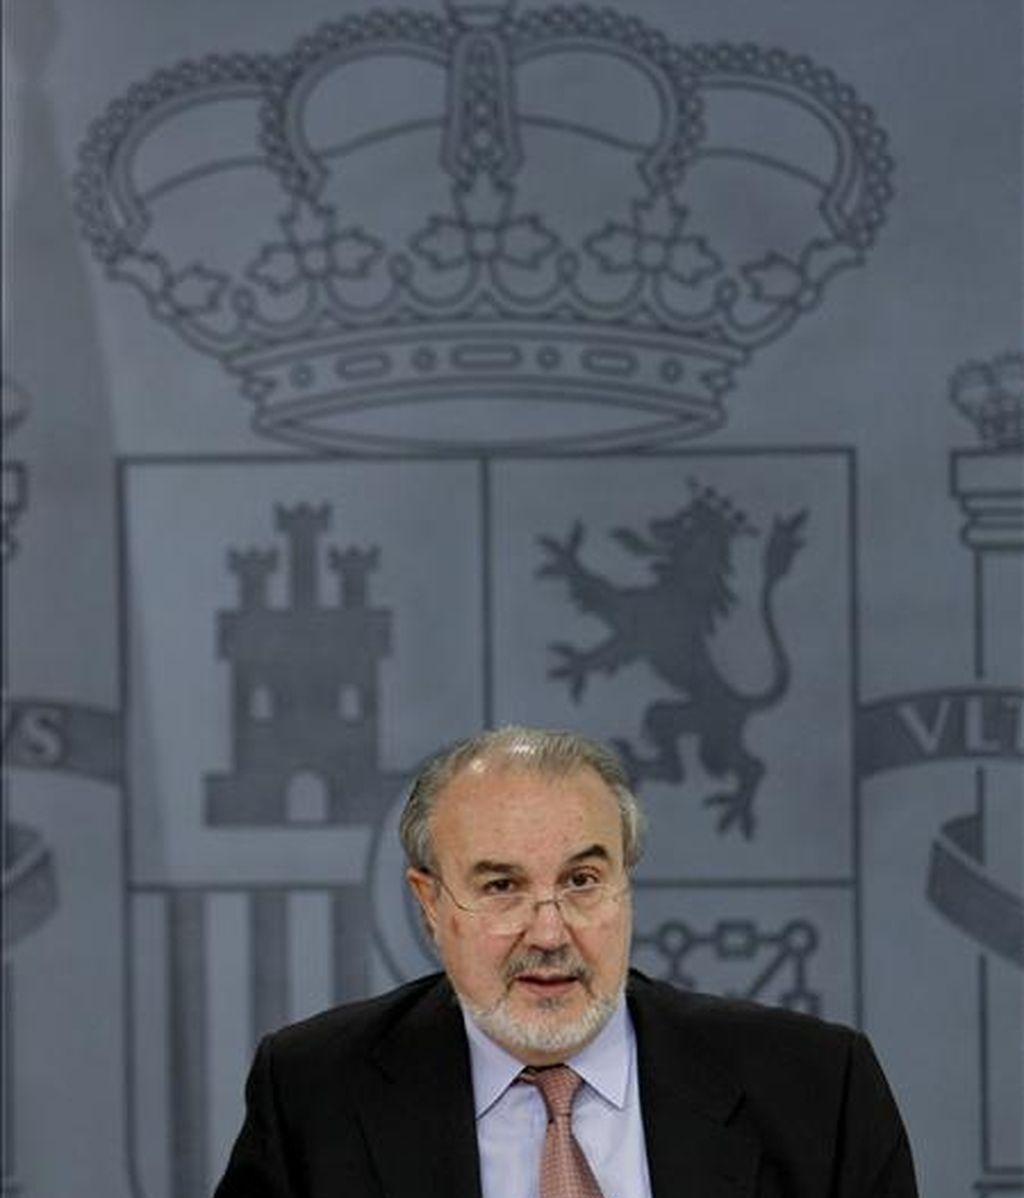 El vicepresidente segundo del Gobierno y ministro de Económia, Pedro Solbes durante una rueda de prensa posterior al Consejo de Ministros. EFE/Archivo